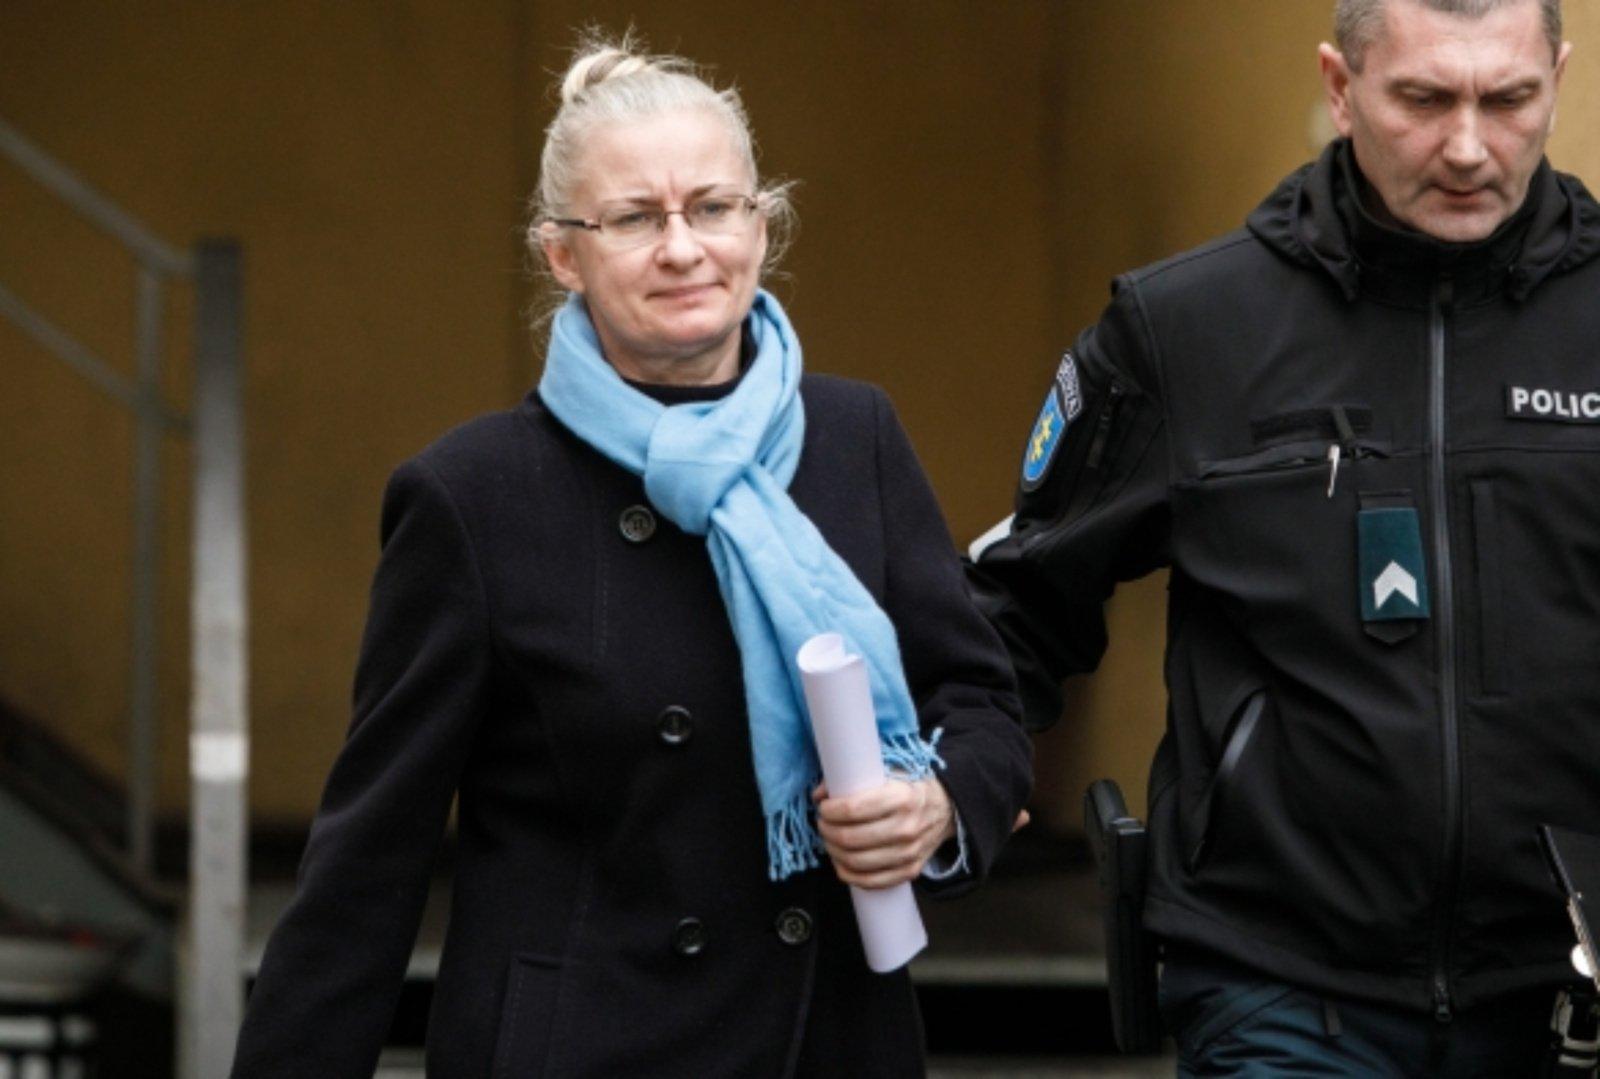 Prokuroras N. Venckienei siūlo skirti laisvės atėmimo bausmę